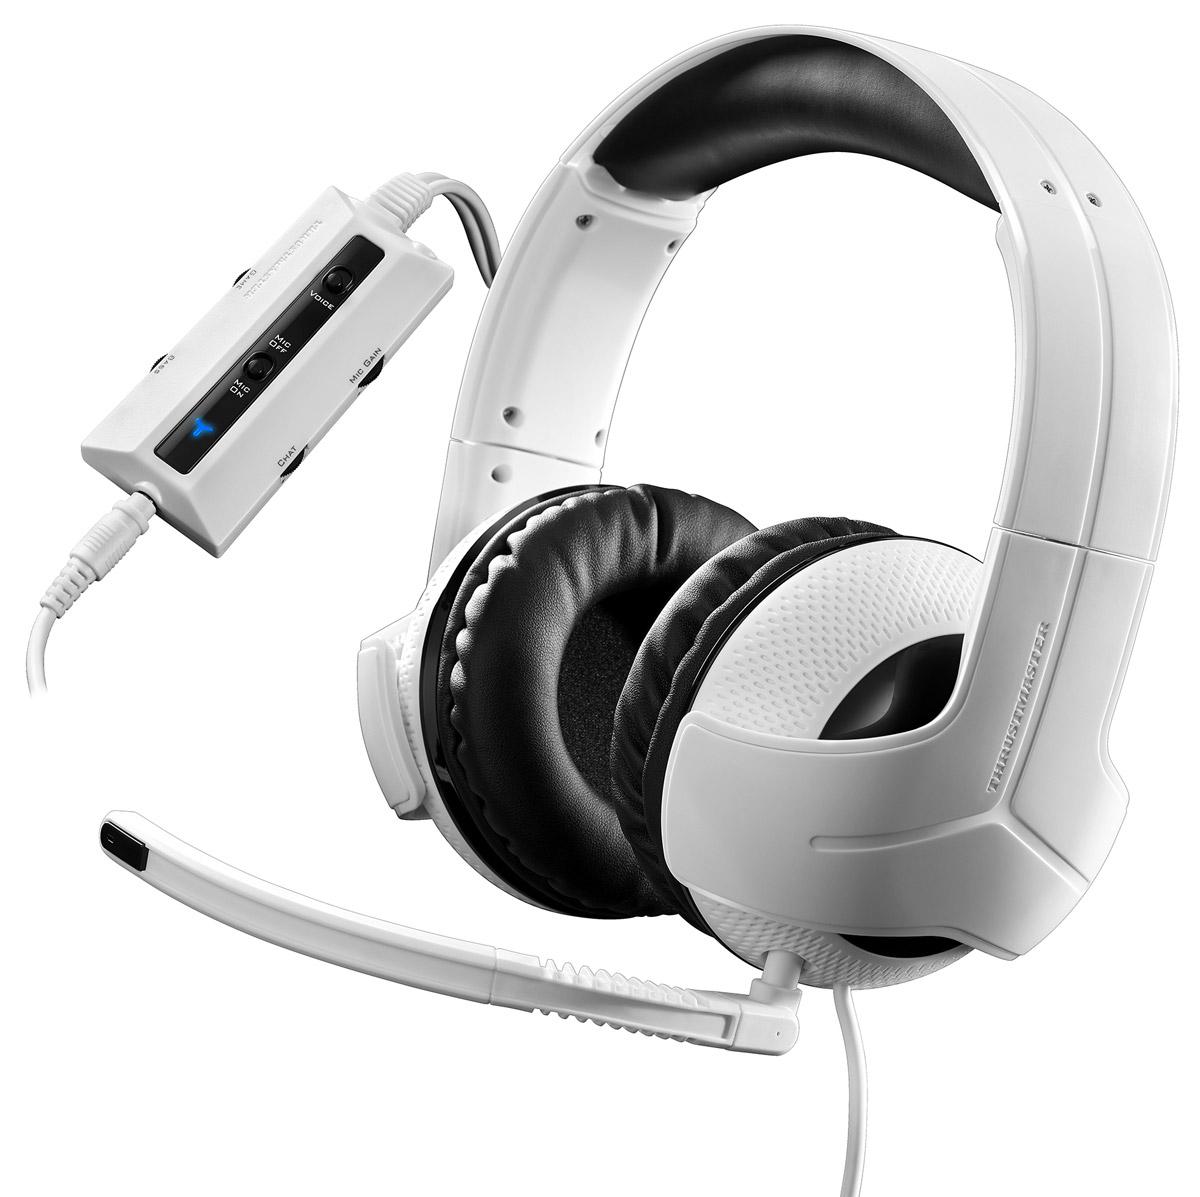 Thrustmaster Y300CPX игровая гарнитура для PS4 (4060077)THR45Универсальная гарнитура для полной совместимостиОптимизированная гарнитура с полной поддержкой PlayStation 4, PlayStation 3, Xbox One, ПК, Xbox 360 и Mac. Совместимость также с Nintendo Wii U / Nintendo 3DS /PlayStation Vita / планшетами / смартфонами (с поддержкой вызовов).АудиопревосходствоРеальные 50-мм динамические головки, обеспечивающие кристально чистый звук: все слышать — быстро реагировать! Восприятие звука реальнее, чем в реальной жизни благодаря устойчивой амплитудно-частотной характеристике с превосходным балансом басовых, средних и высоких частот, оптимизированной для игр. Эксклюзивный двойной электроакустический усилитель нижних частот — глубокое воспроизведение басов. Лучшие наработки Thrustmaster в сфере аудио — для нового уровня игровых показателей (при поддержке Hercules и 20-летнего опыта в области аудио).Создано для удобстваУникальный Y-образный дизайн с серебристым декором обеспечивает исключительный комфорт: большие, супермягкие ушные подушки и эффективная пассивная изоляция. Уникальный дизайн ушных чашек служит резонатором для усиления басов. 4-м кабель, который подойдет к игровой конфигурации любого типа.Высокопроизводительный микрофонОднонаправленный микрофон, рассчитанный на улавливание только голоса геймера — для максимально эффективной связи с партнерами по команде. Микрофон можно снять и отрегулировать под любой размер и форму головы геймера.Усовершенствованные органы управленияМультифункциональный контроллер на кабеле, позволяющий индивидуально регулировать уровень звука игры и голосов: громкость микрофона и чата регулируется по раздельности — в точном соответствии с потребностями каждой игры и каждого геймера. Исключительные возможности регулировки уровня усиления микрофона! Можно настроить усиление для своего голоса, чтобы вас идеально слышали. Система голосовой обратной связи (для включения и отключения звука своего голоса в наушниках) непосредственно на контроллере.Показат